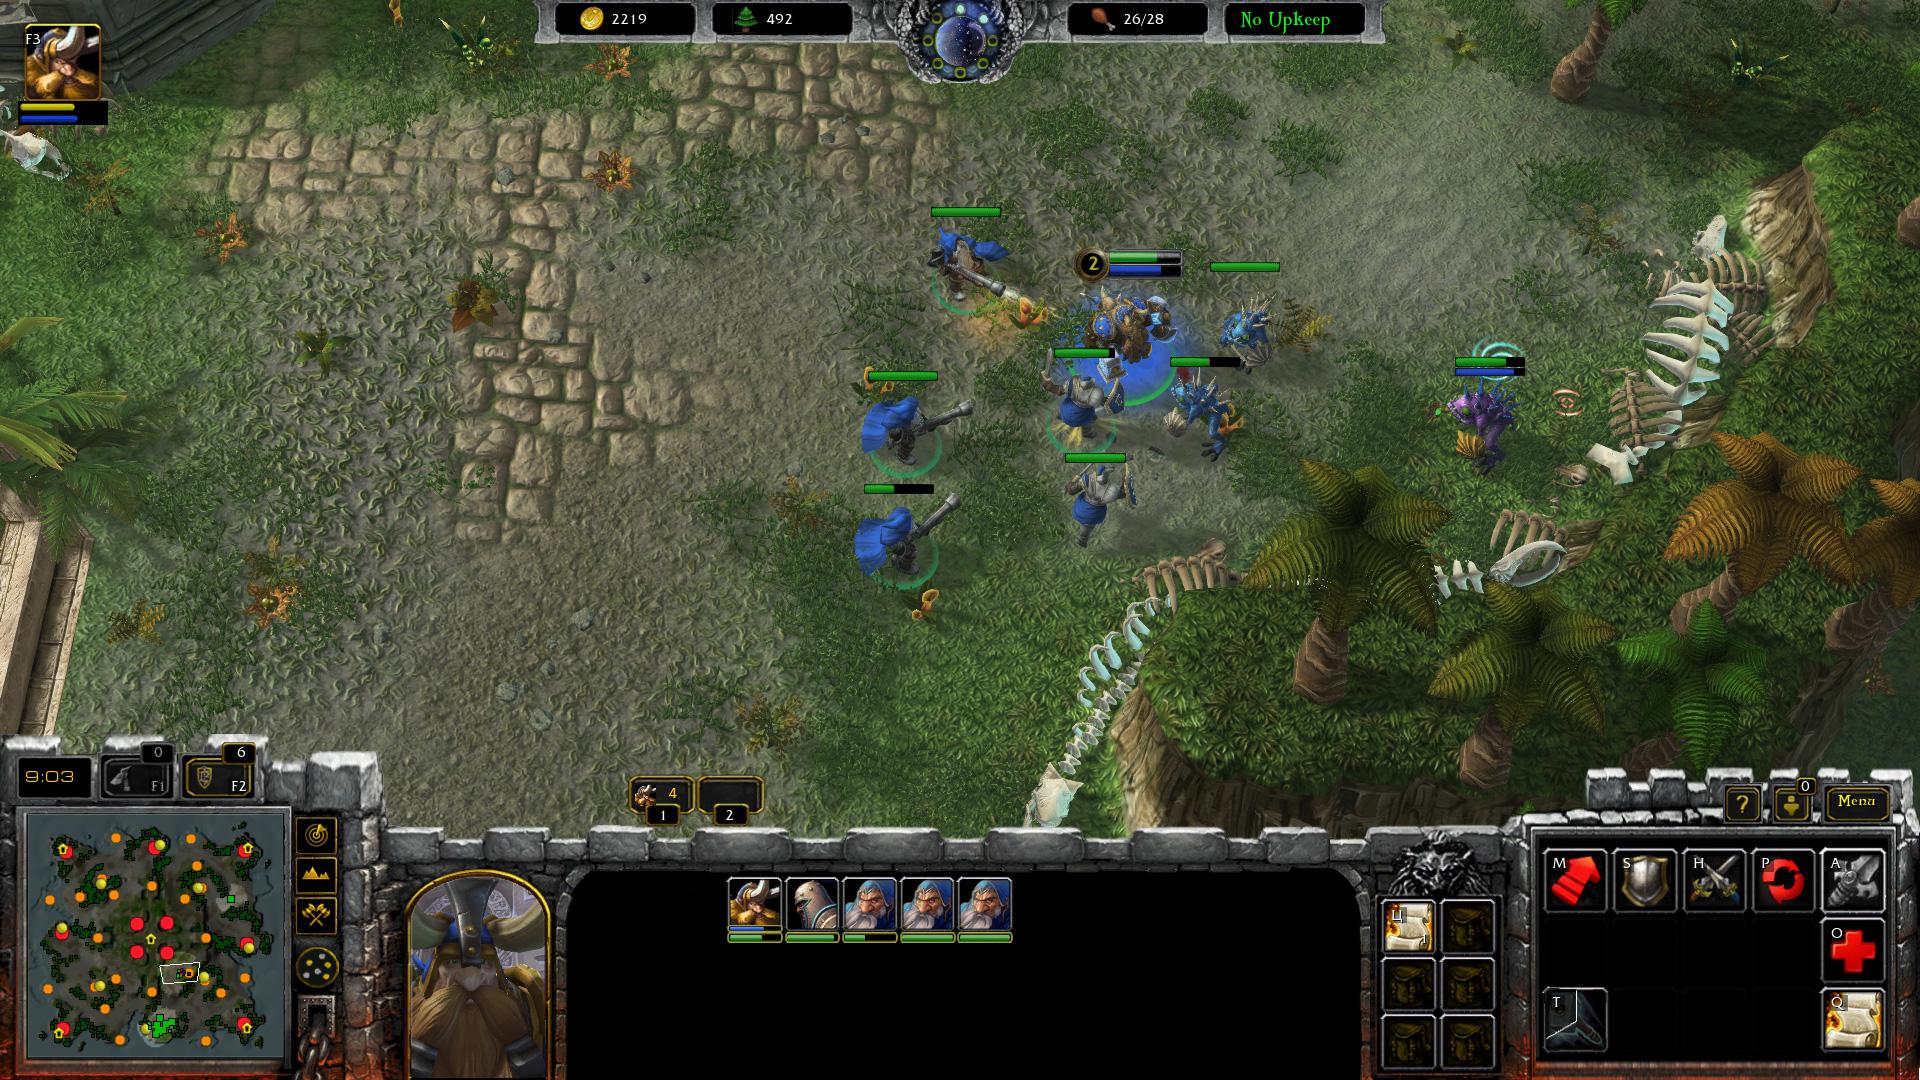 Warcraft III Fan Remake, Blue Tweets, Fan Art - MMO-Champion